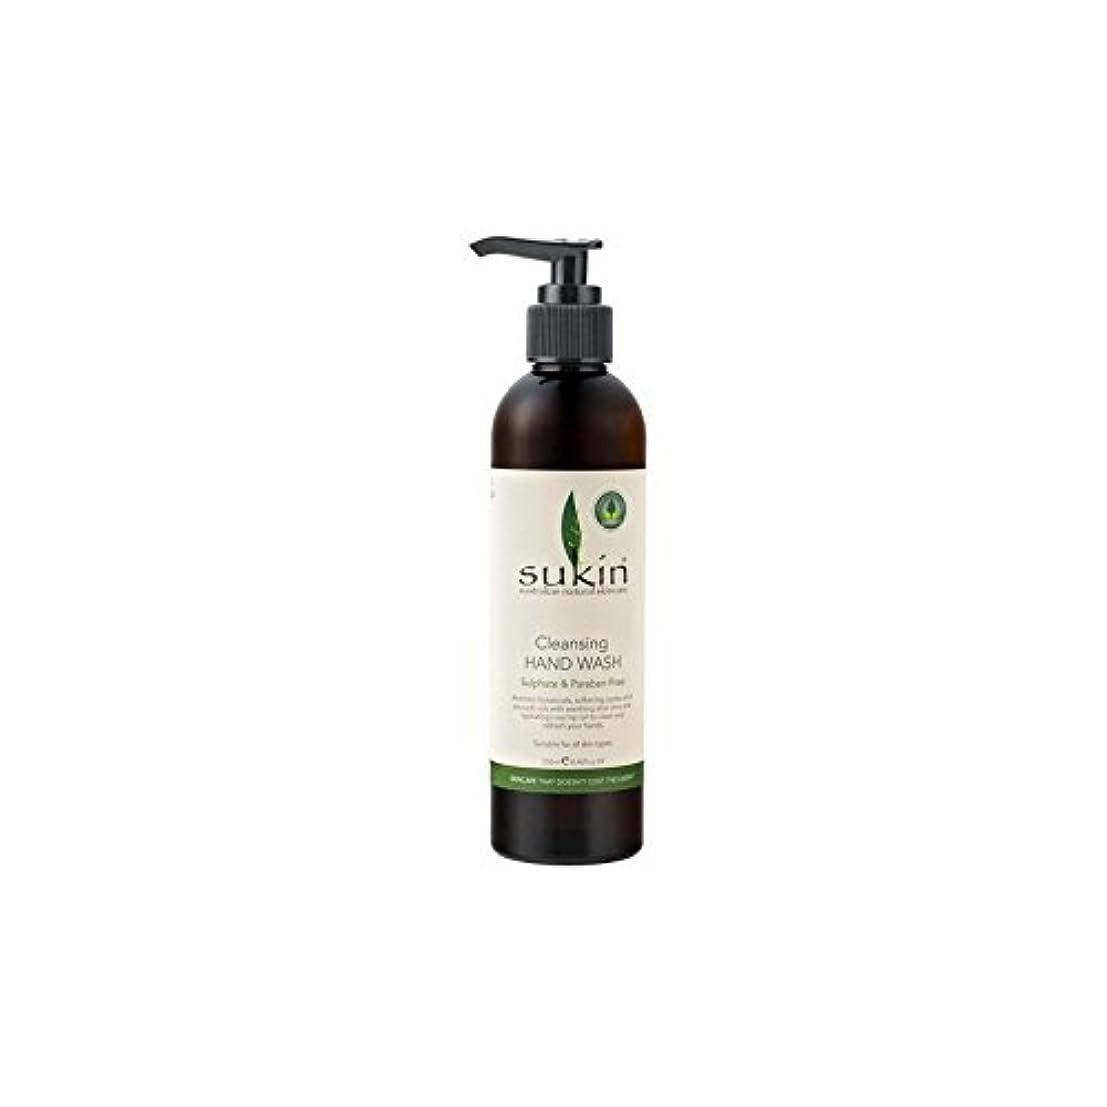 ストロークお父さんマーカーSukin Cleansing Hand Wash (250ml) (Pack of 6) - クレンジングハンドウォッシュ(250ミリリットル) x6 [並行輸入品]